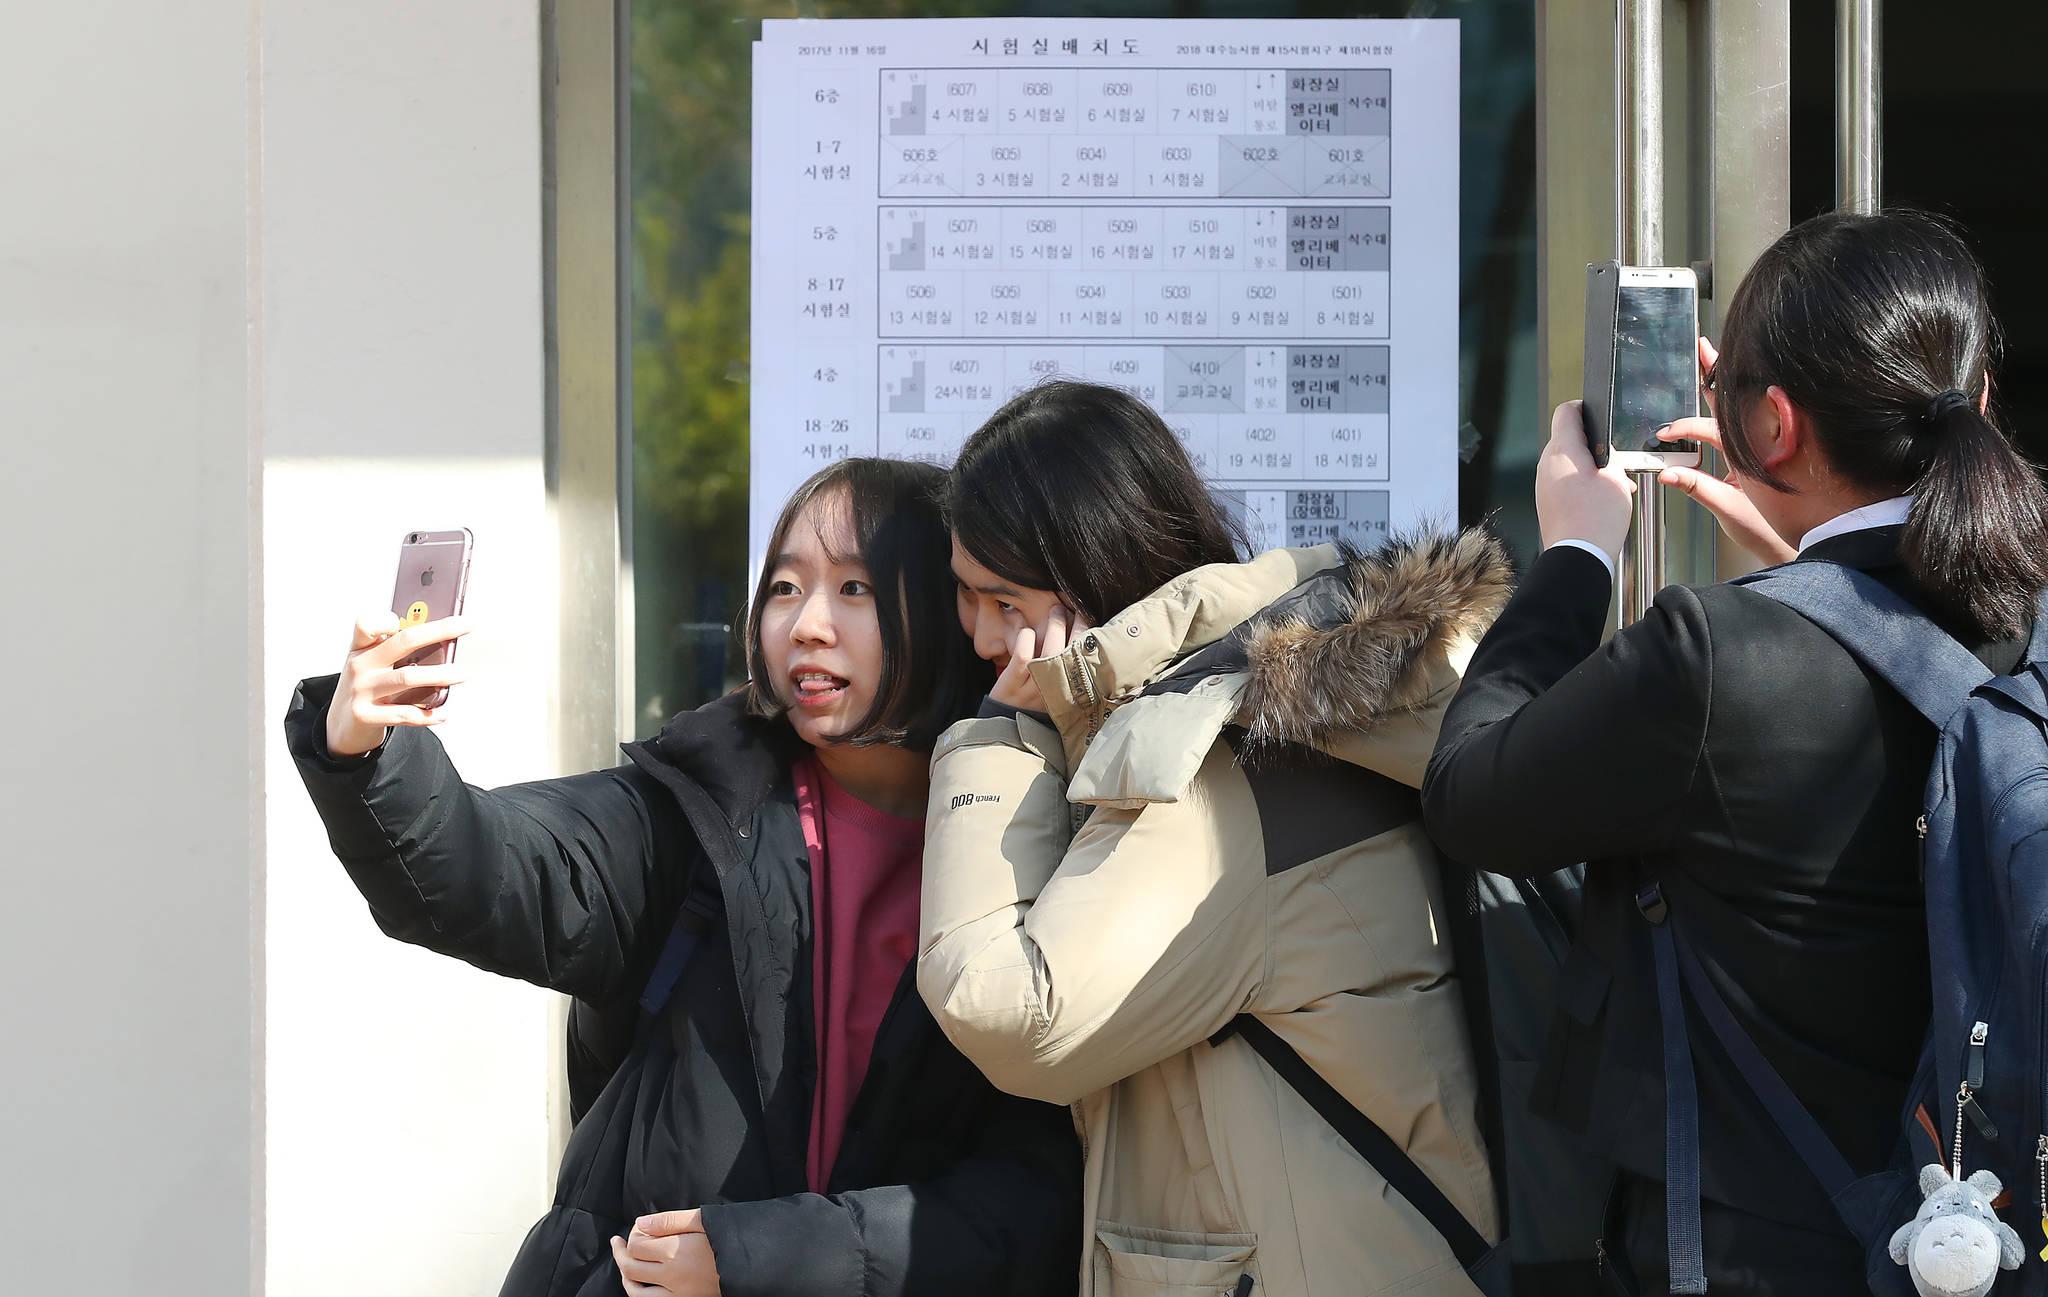 수능예비소집일인 15일 시험장인 서울 정동 이화여고에서 교실을 확인한 수험생들이 사진을 찍고 있다. 우상조 기자